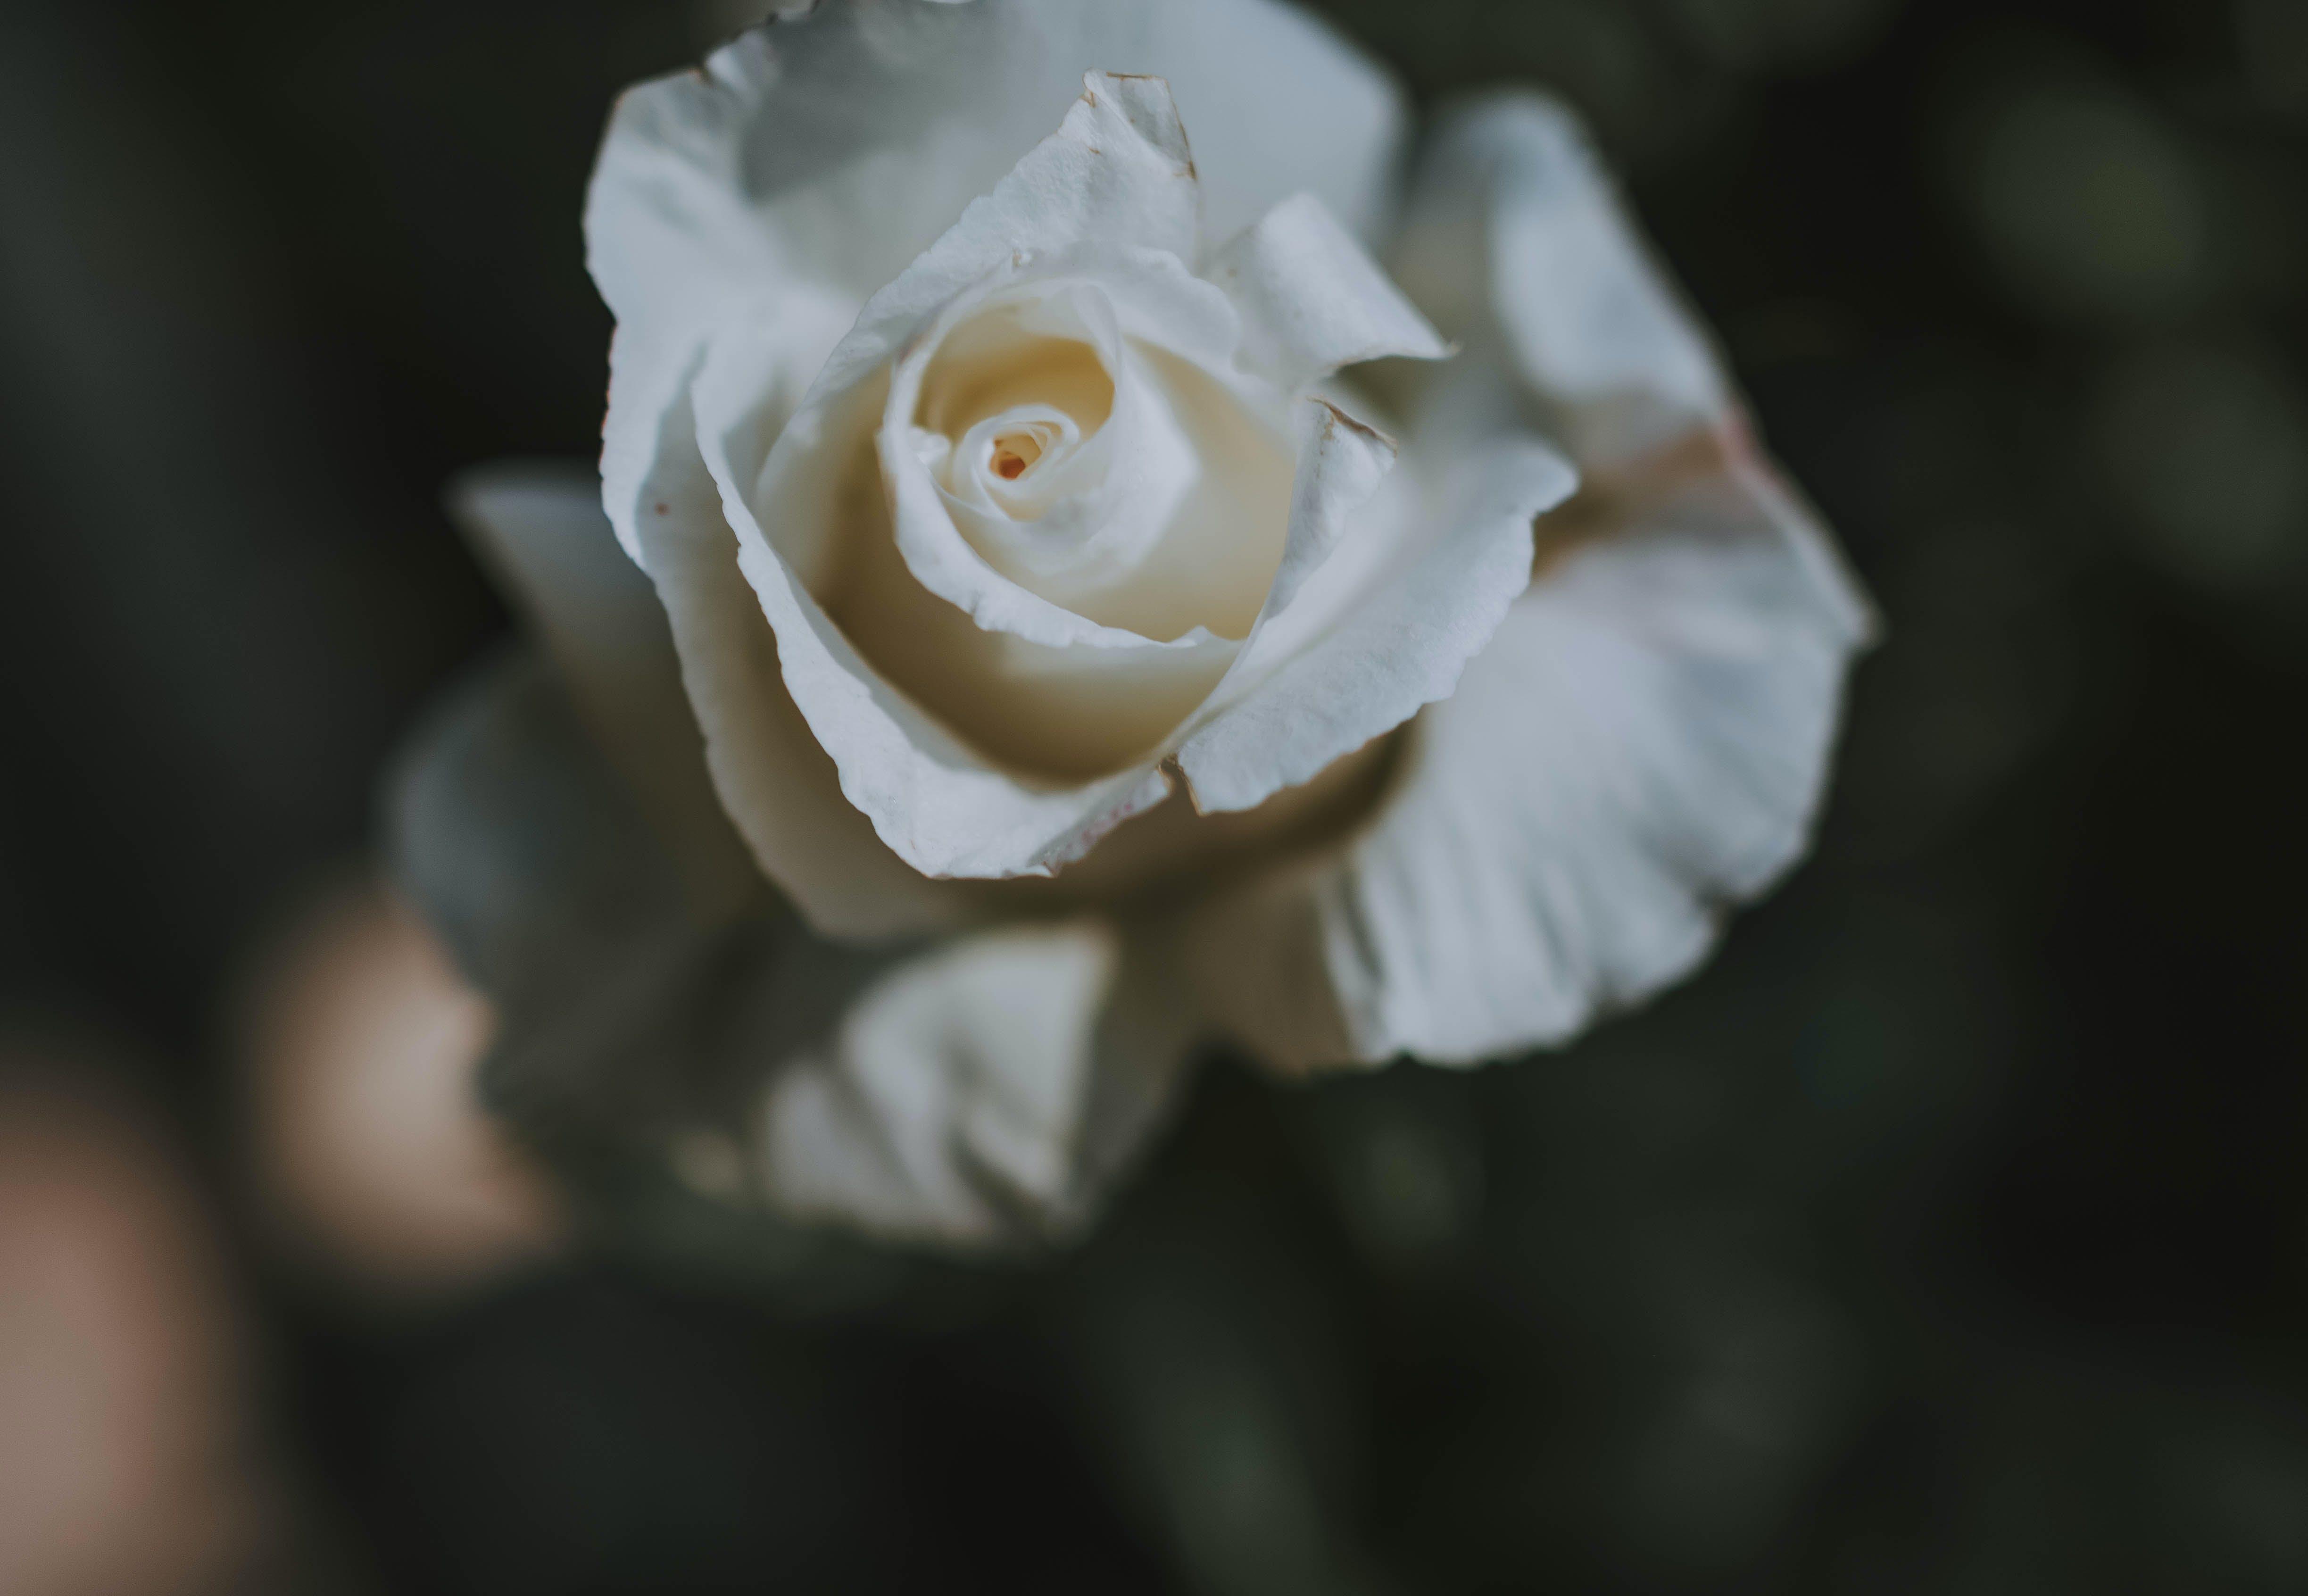 Δωρεάν στοκ φωτογραφιών με εργοστάσιο, λευκός, λουλούδι, πράσινος